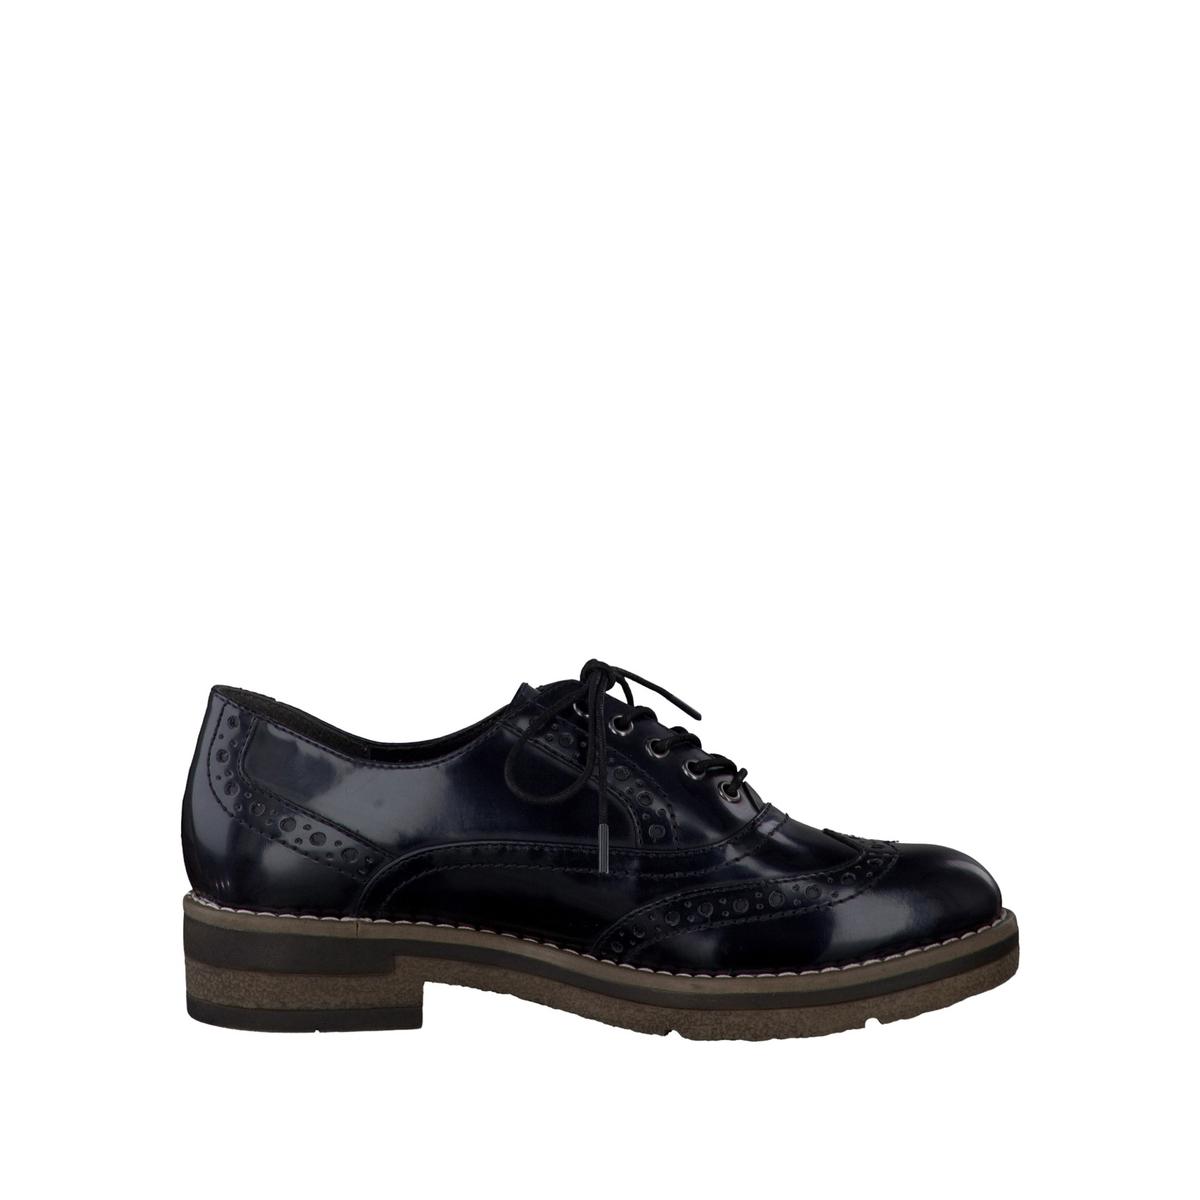 Ботинки-дерби  23316-37 от La Redoute